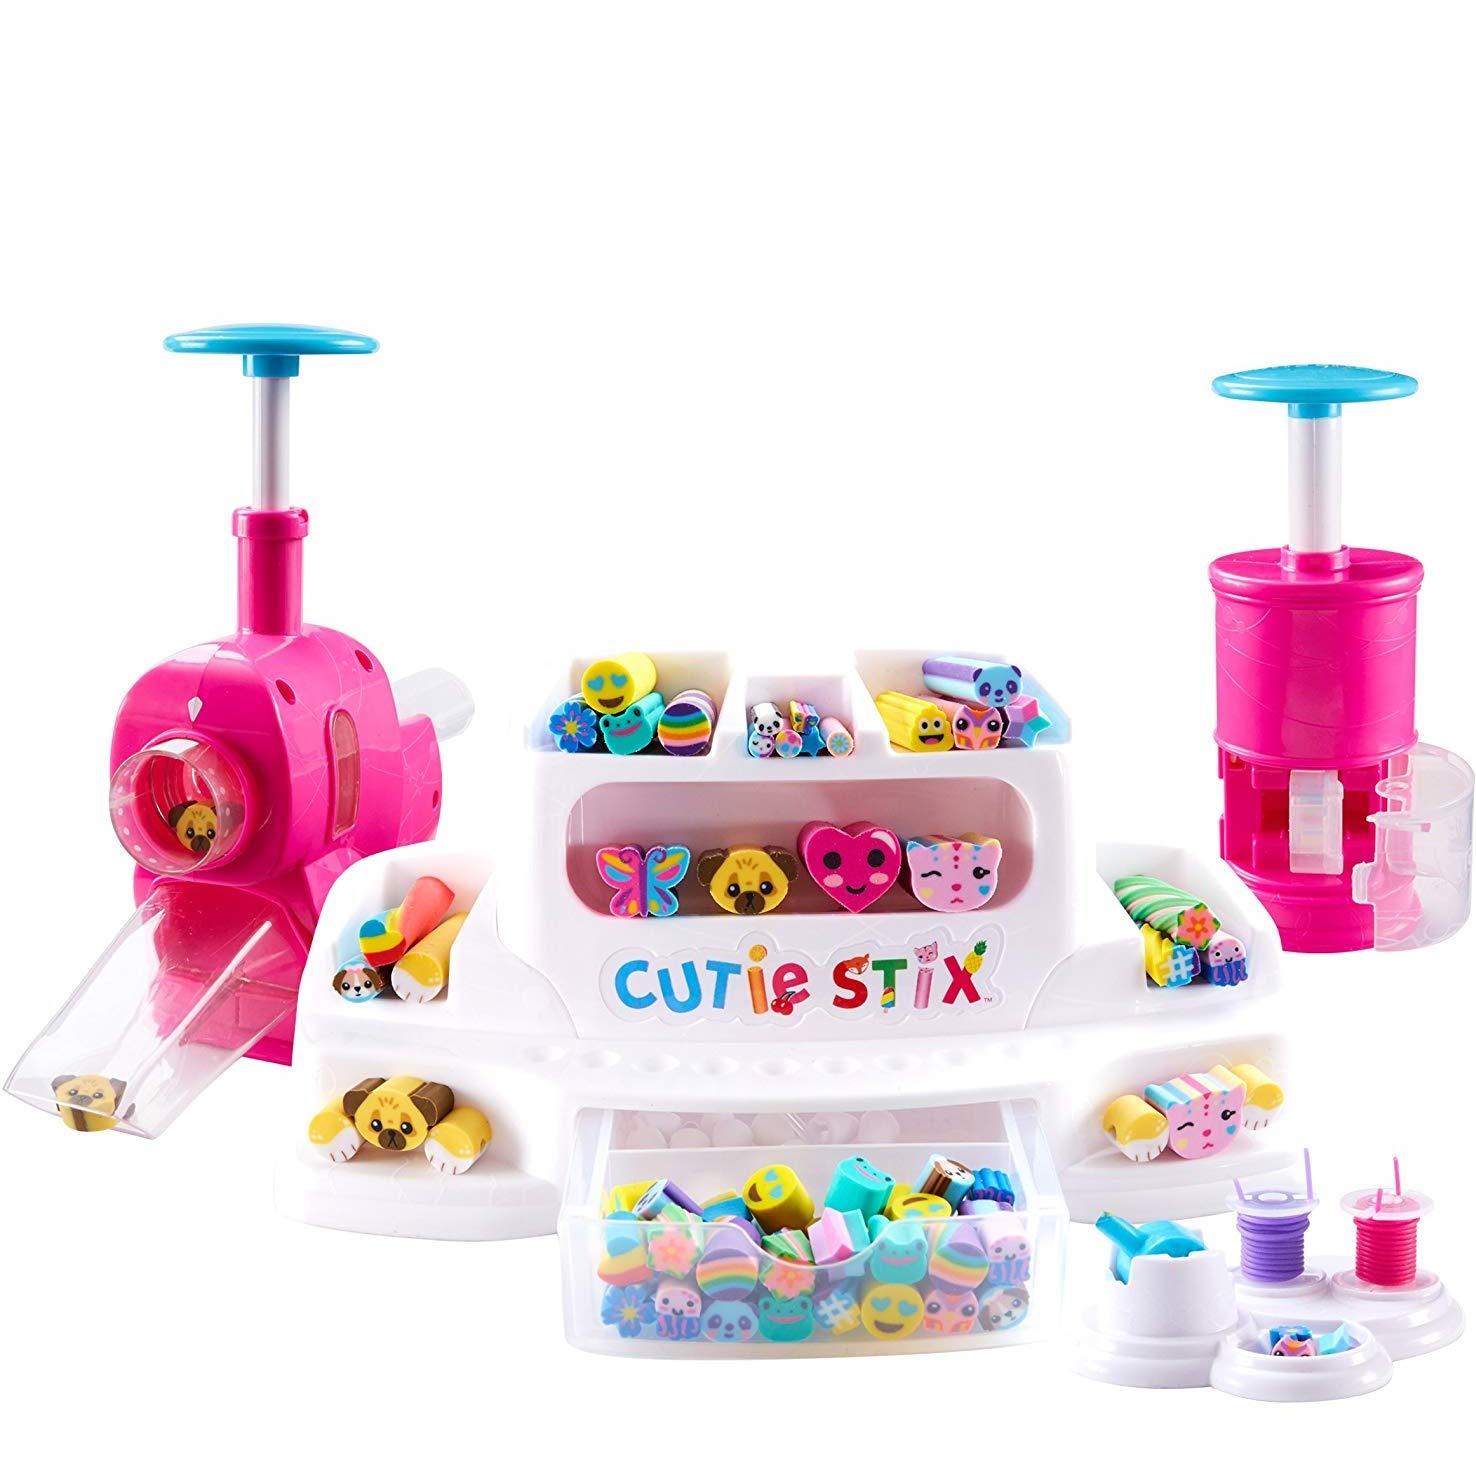 n Set di Gommini per Creare Oggetti Cut And Create Station 33130 Cutie Stix